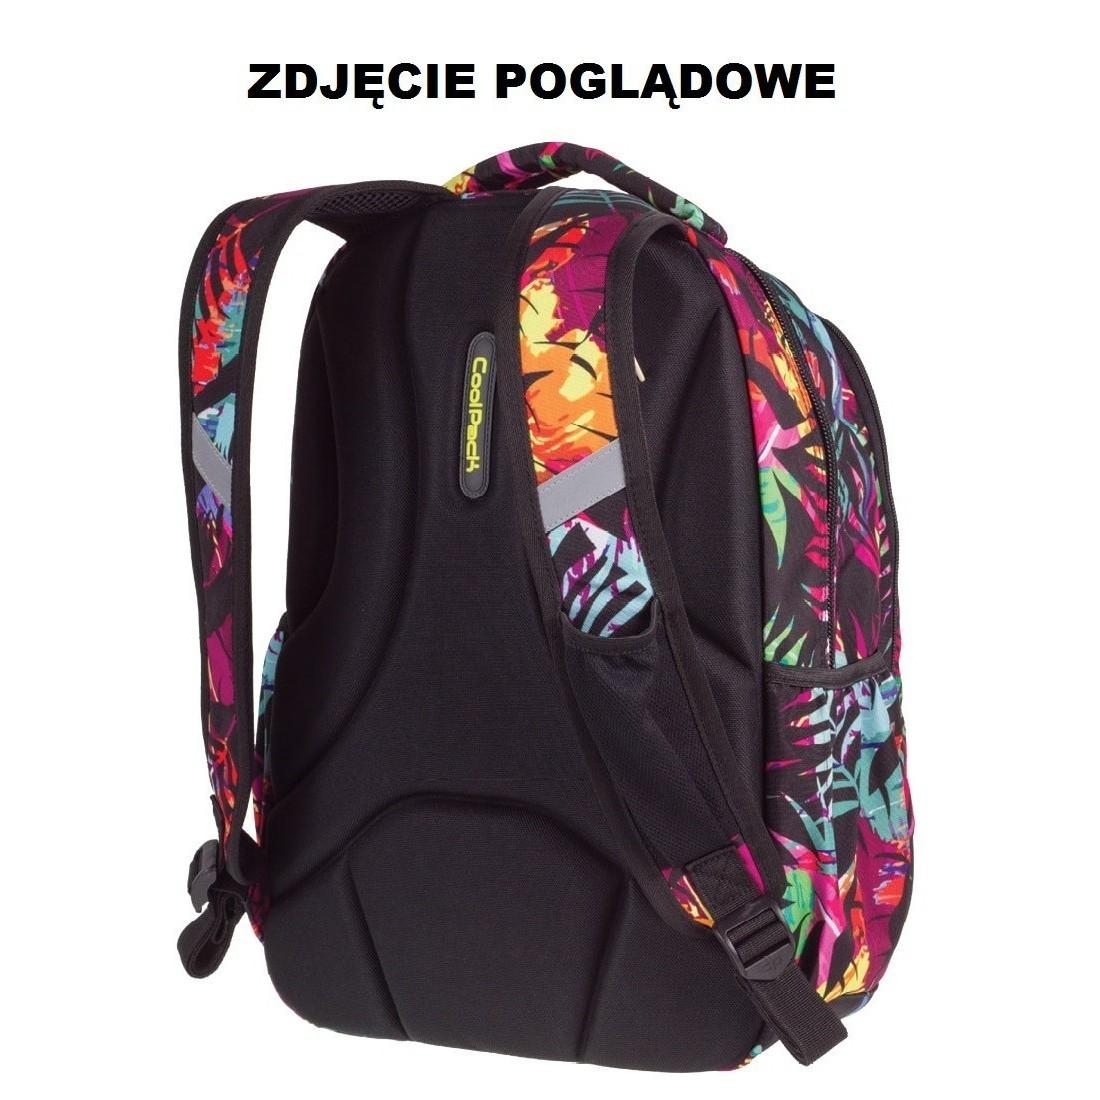 24efd0b2da1f5 ... Plecak młodzieżowy CoolPack CP STRIKE CUBIC 731 kolorowe kwadraty